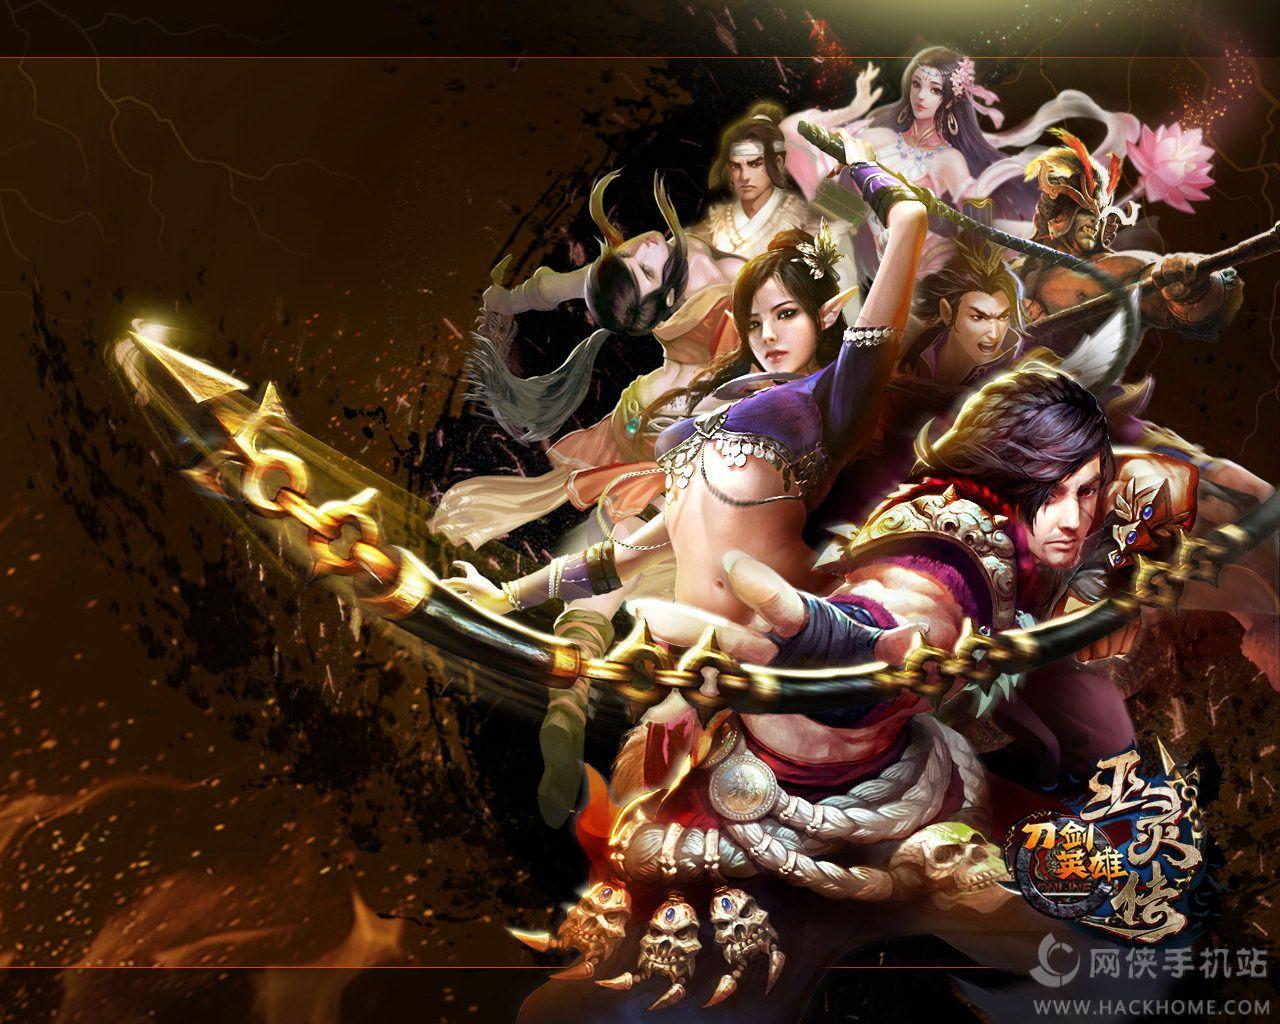 刀剑英雄手机游戏官方网站图1: